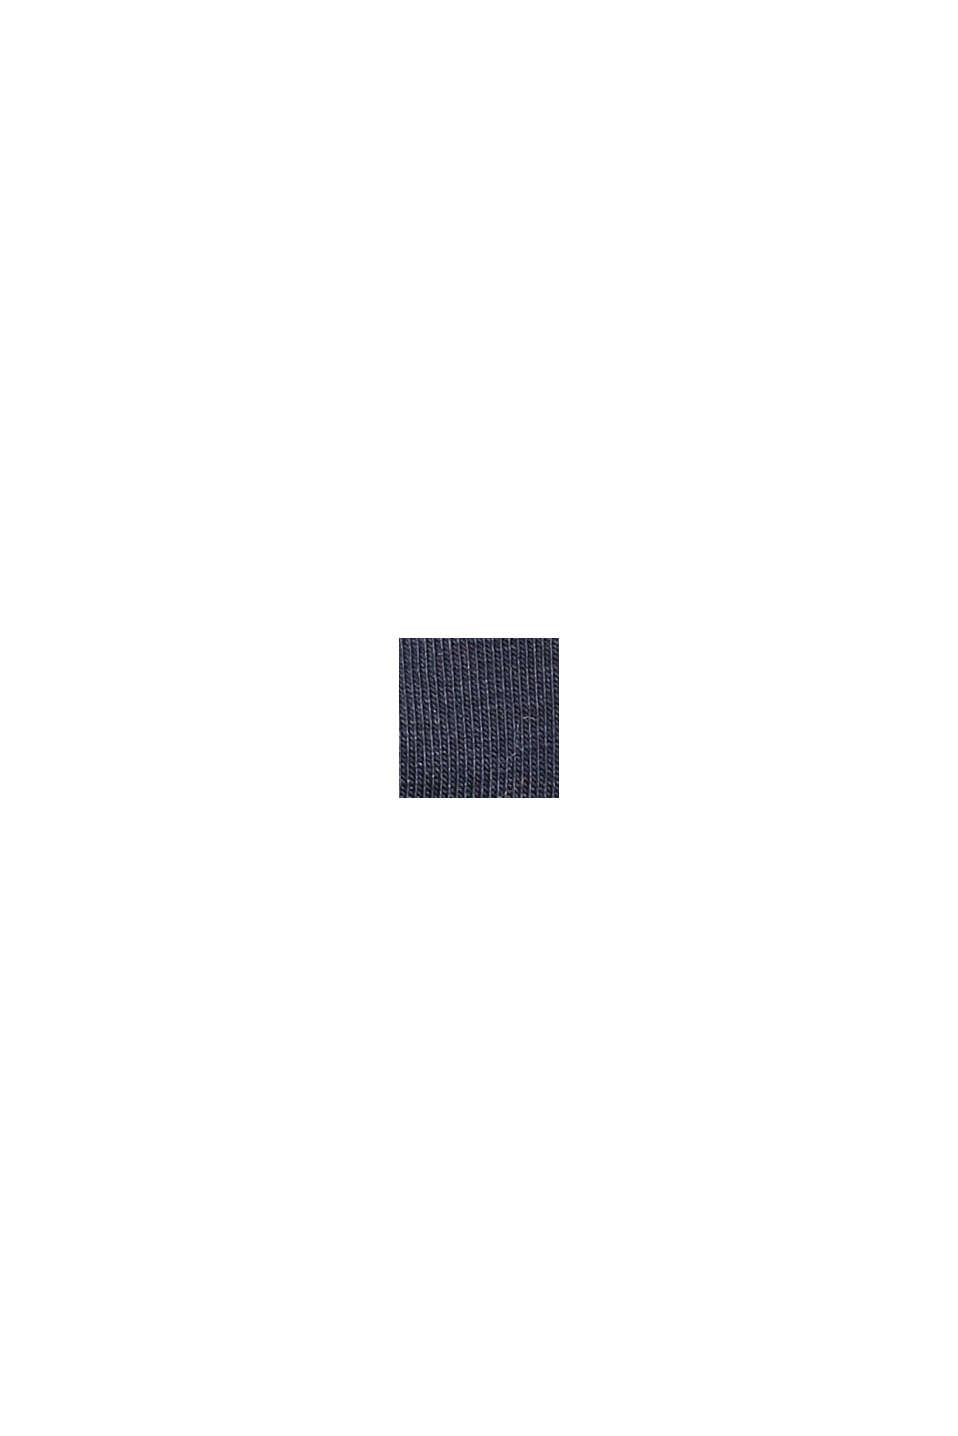 Bonnet en jersey de coton bio élastique, NAVY, swatch